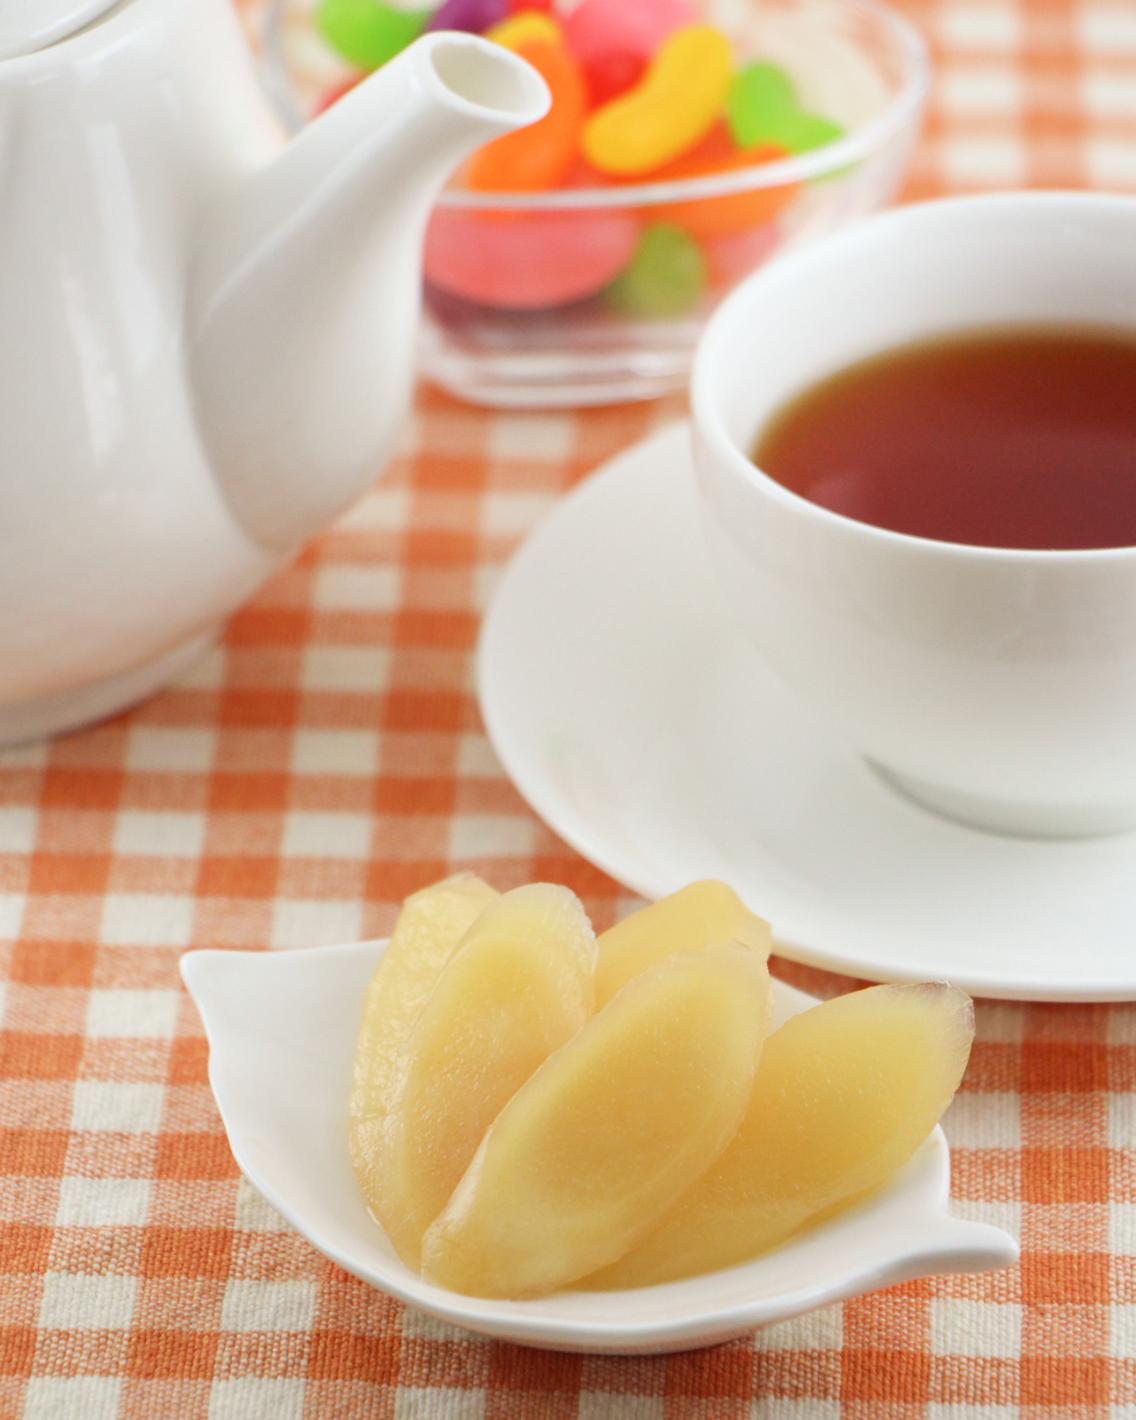 画像:『岩下の新生姜 パインアメ味』食卓イメージ